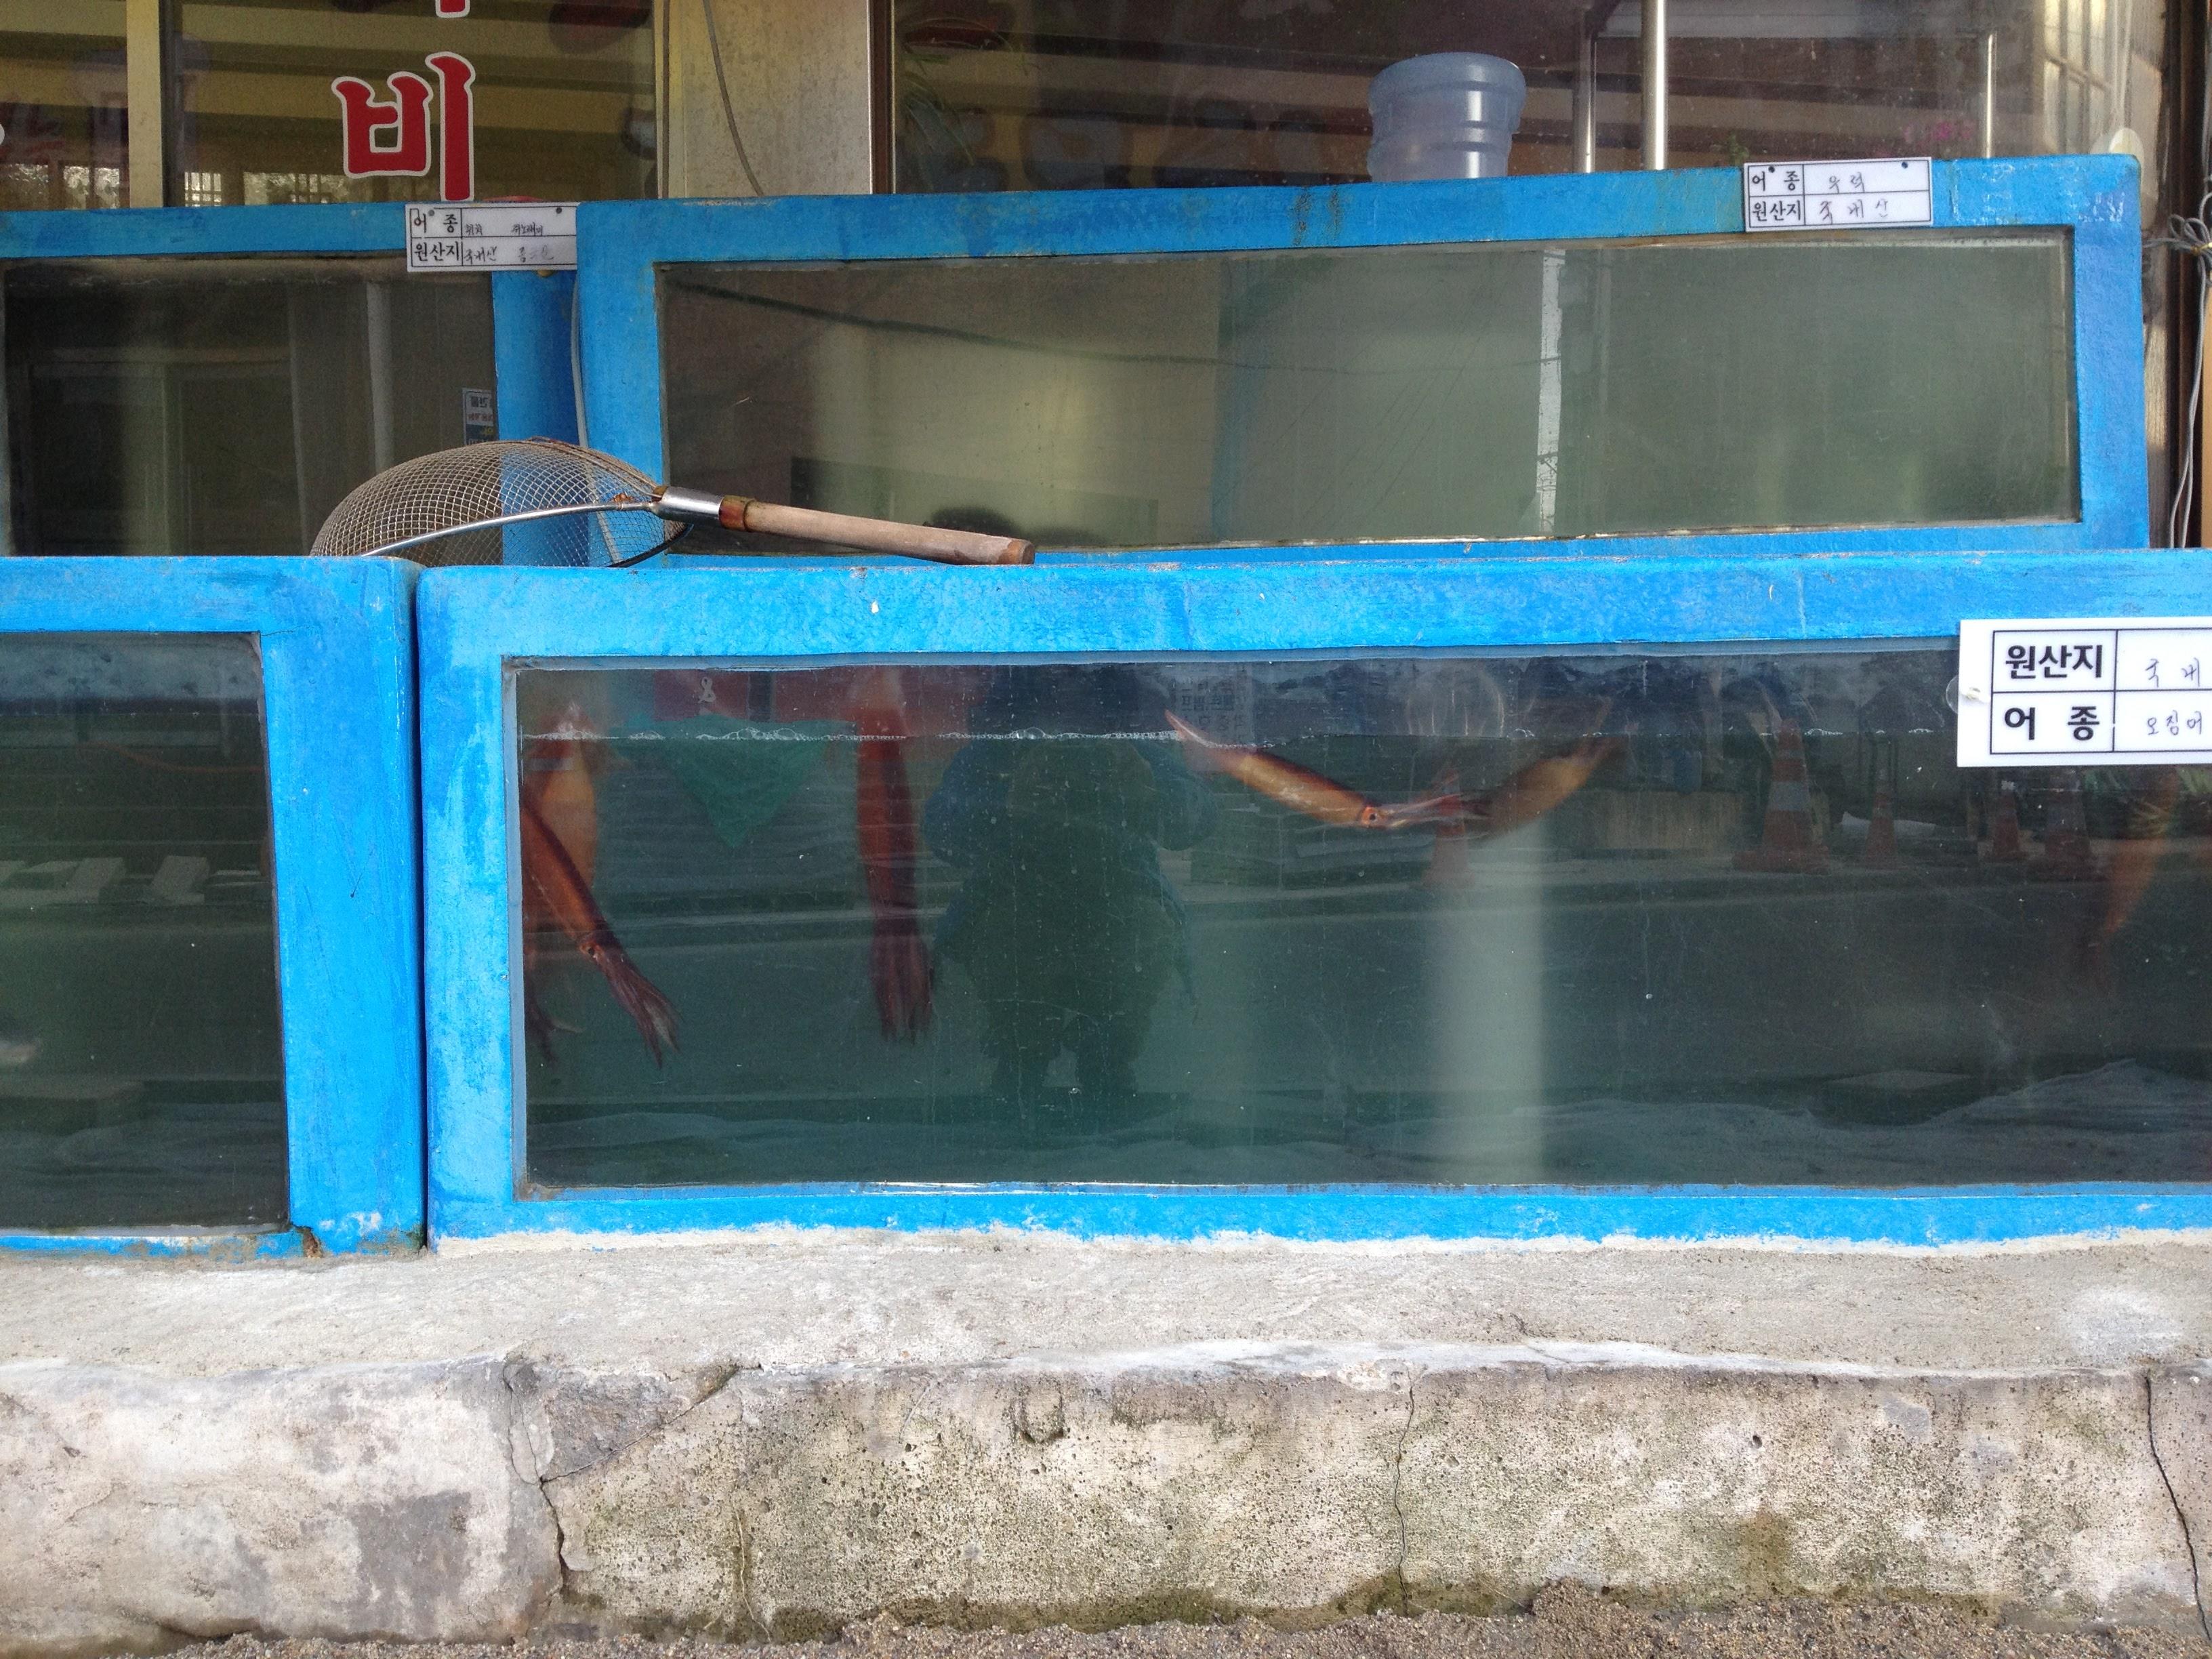 Swimming calamaris